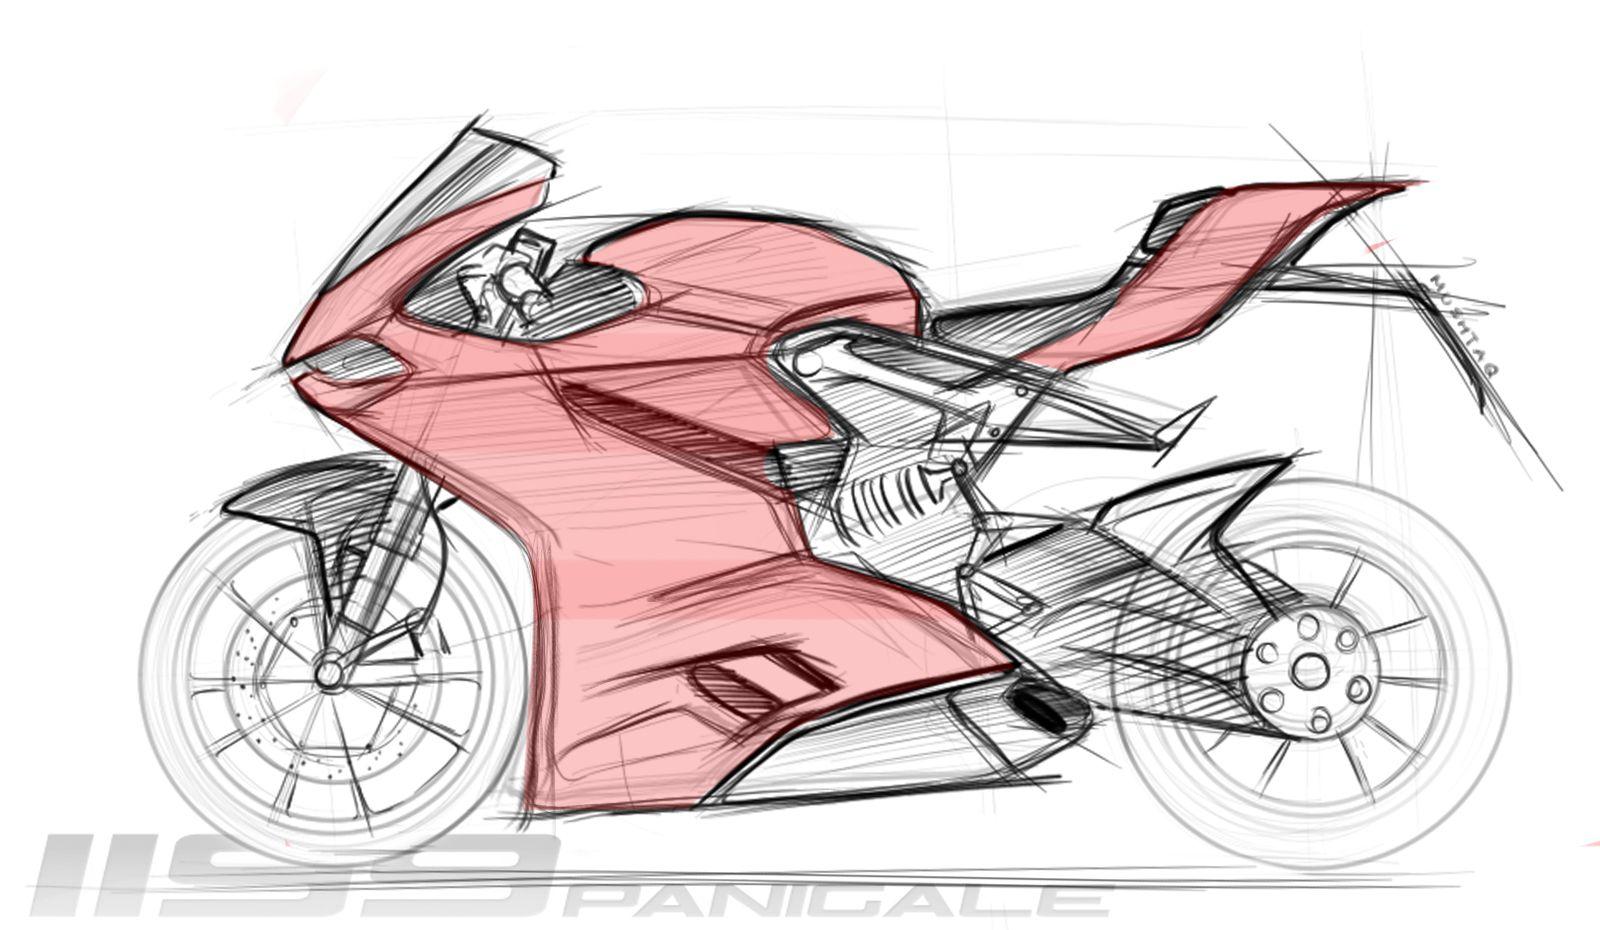 Pannigale Sketch Bike Sketch Bike Drawing Motorcycle Drawing